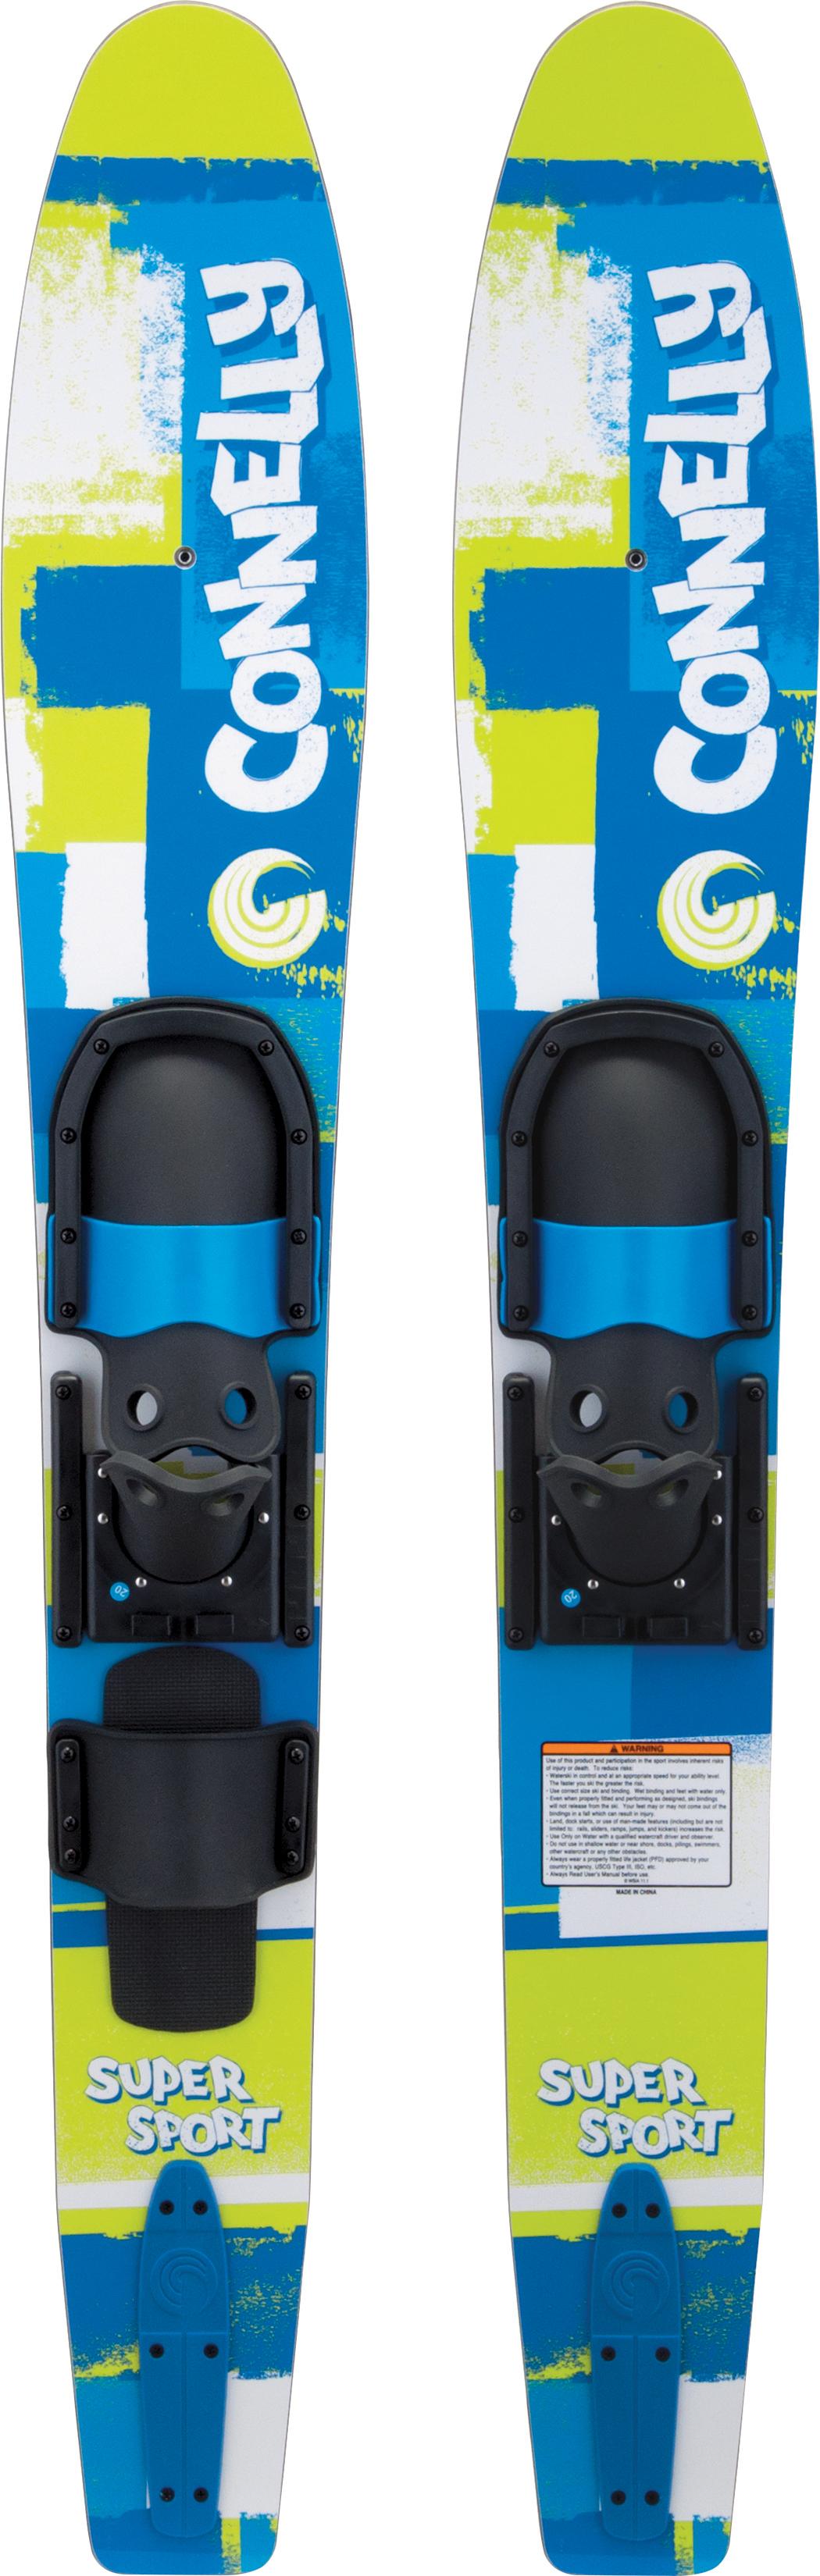 Парные лыжи для водного спорта   купить, зказать в интернет-магазине 3be1060a83d